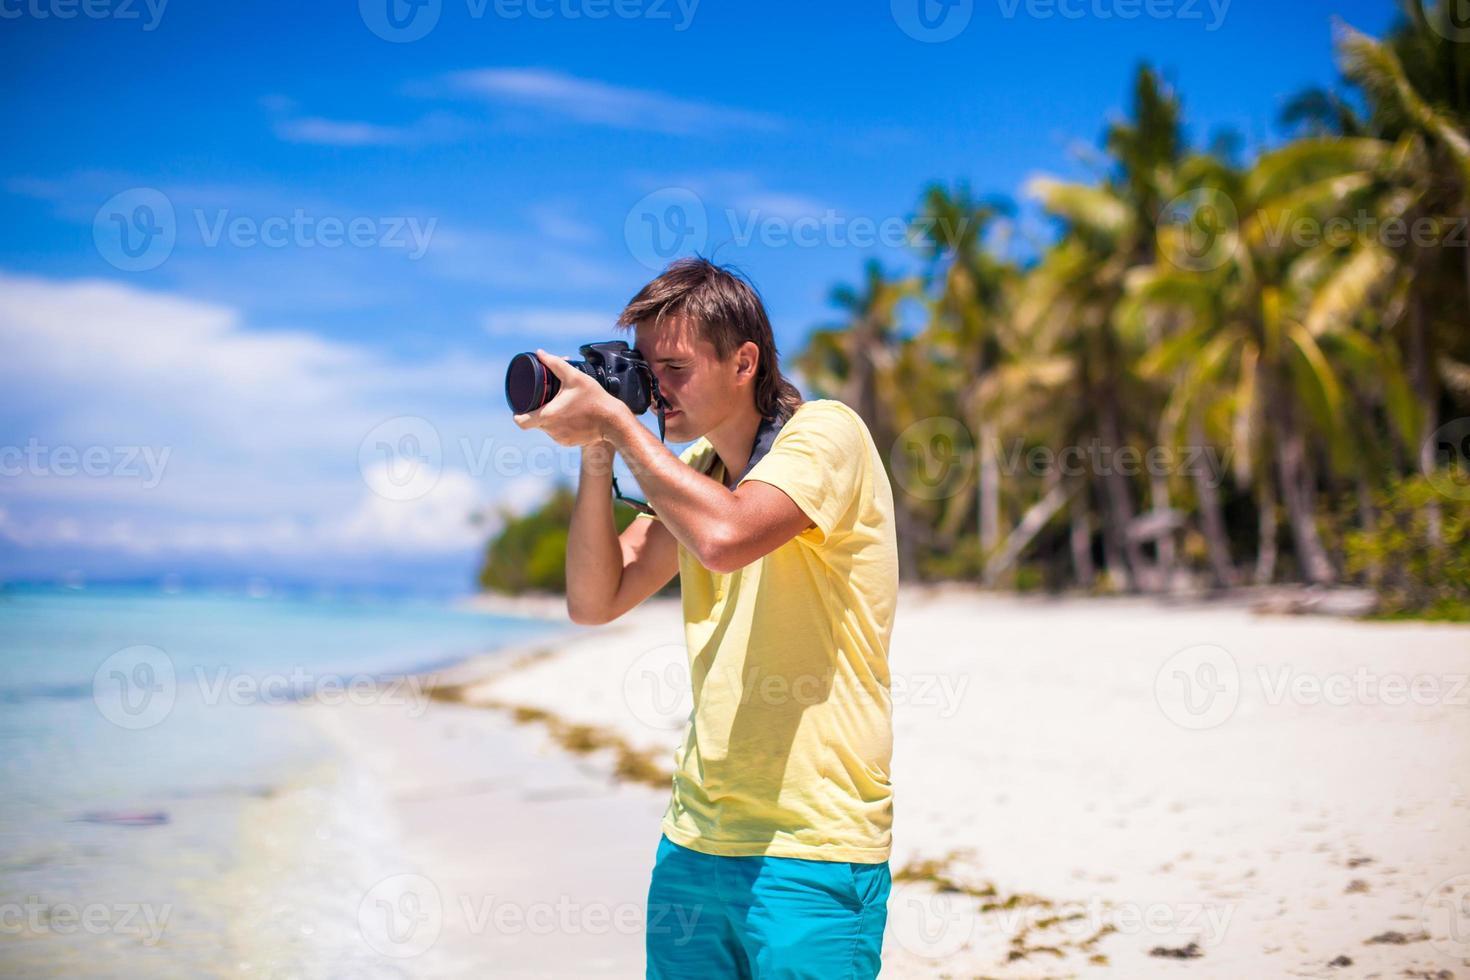 giovane che cattura le immagini sulla spiaggia tropicale foto